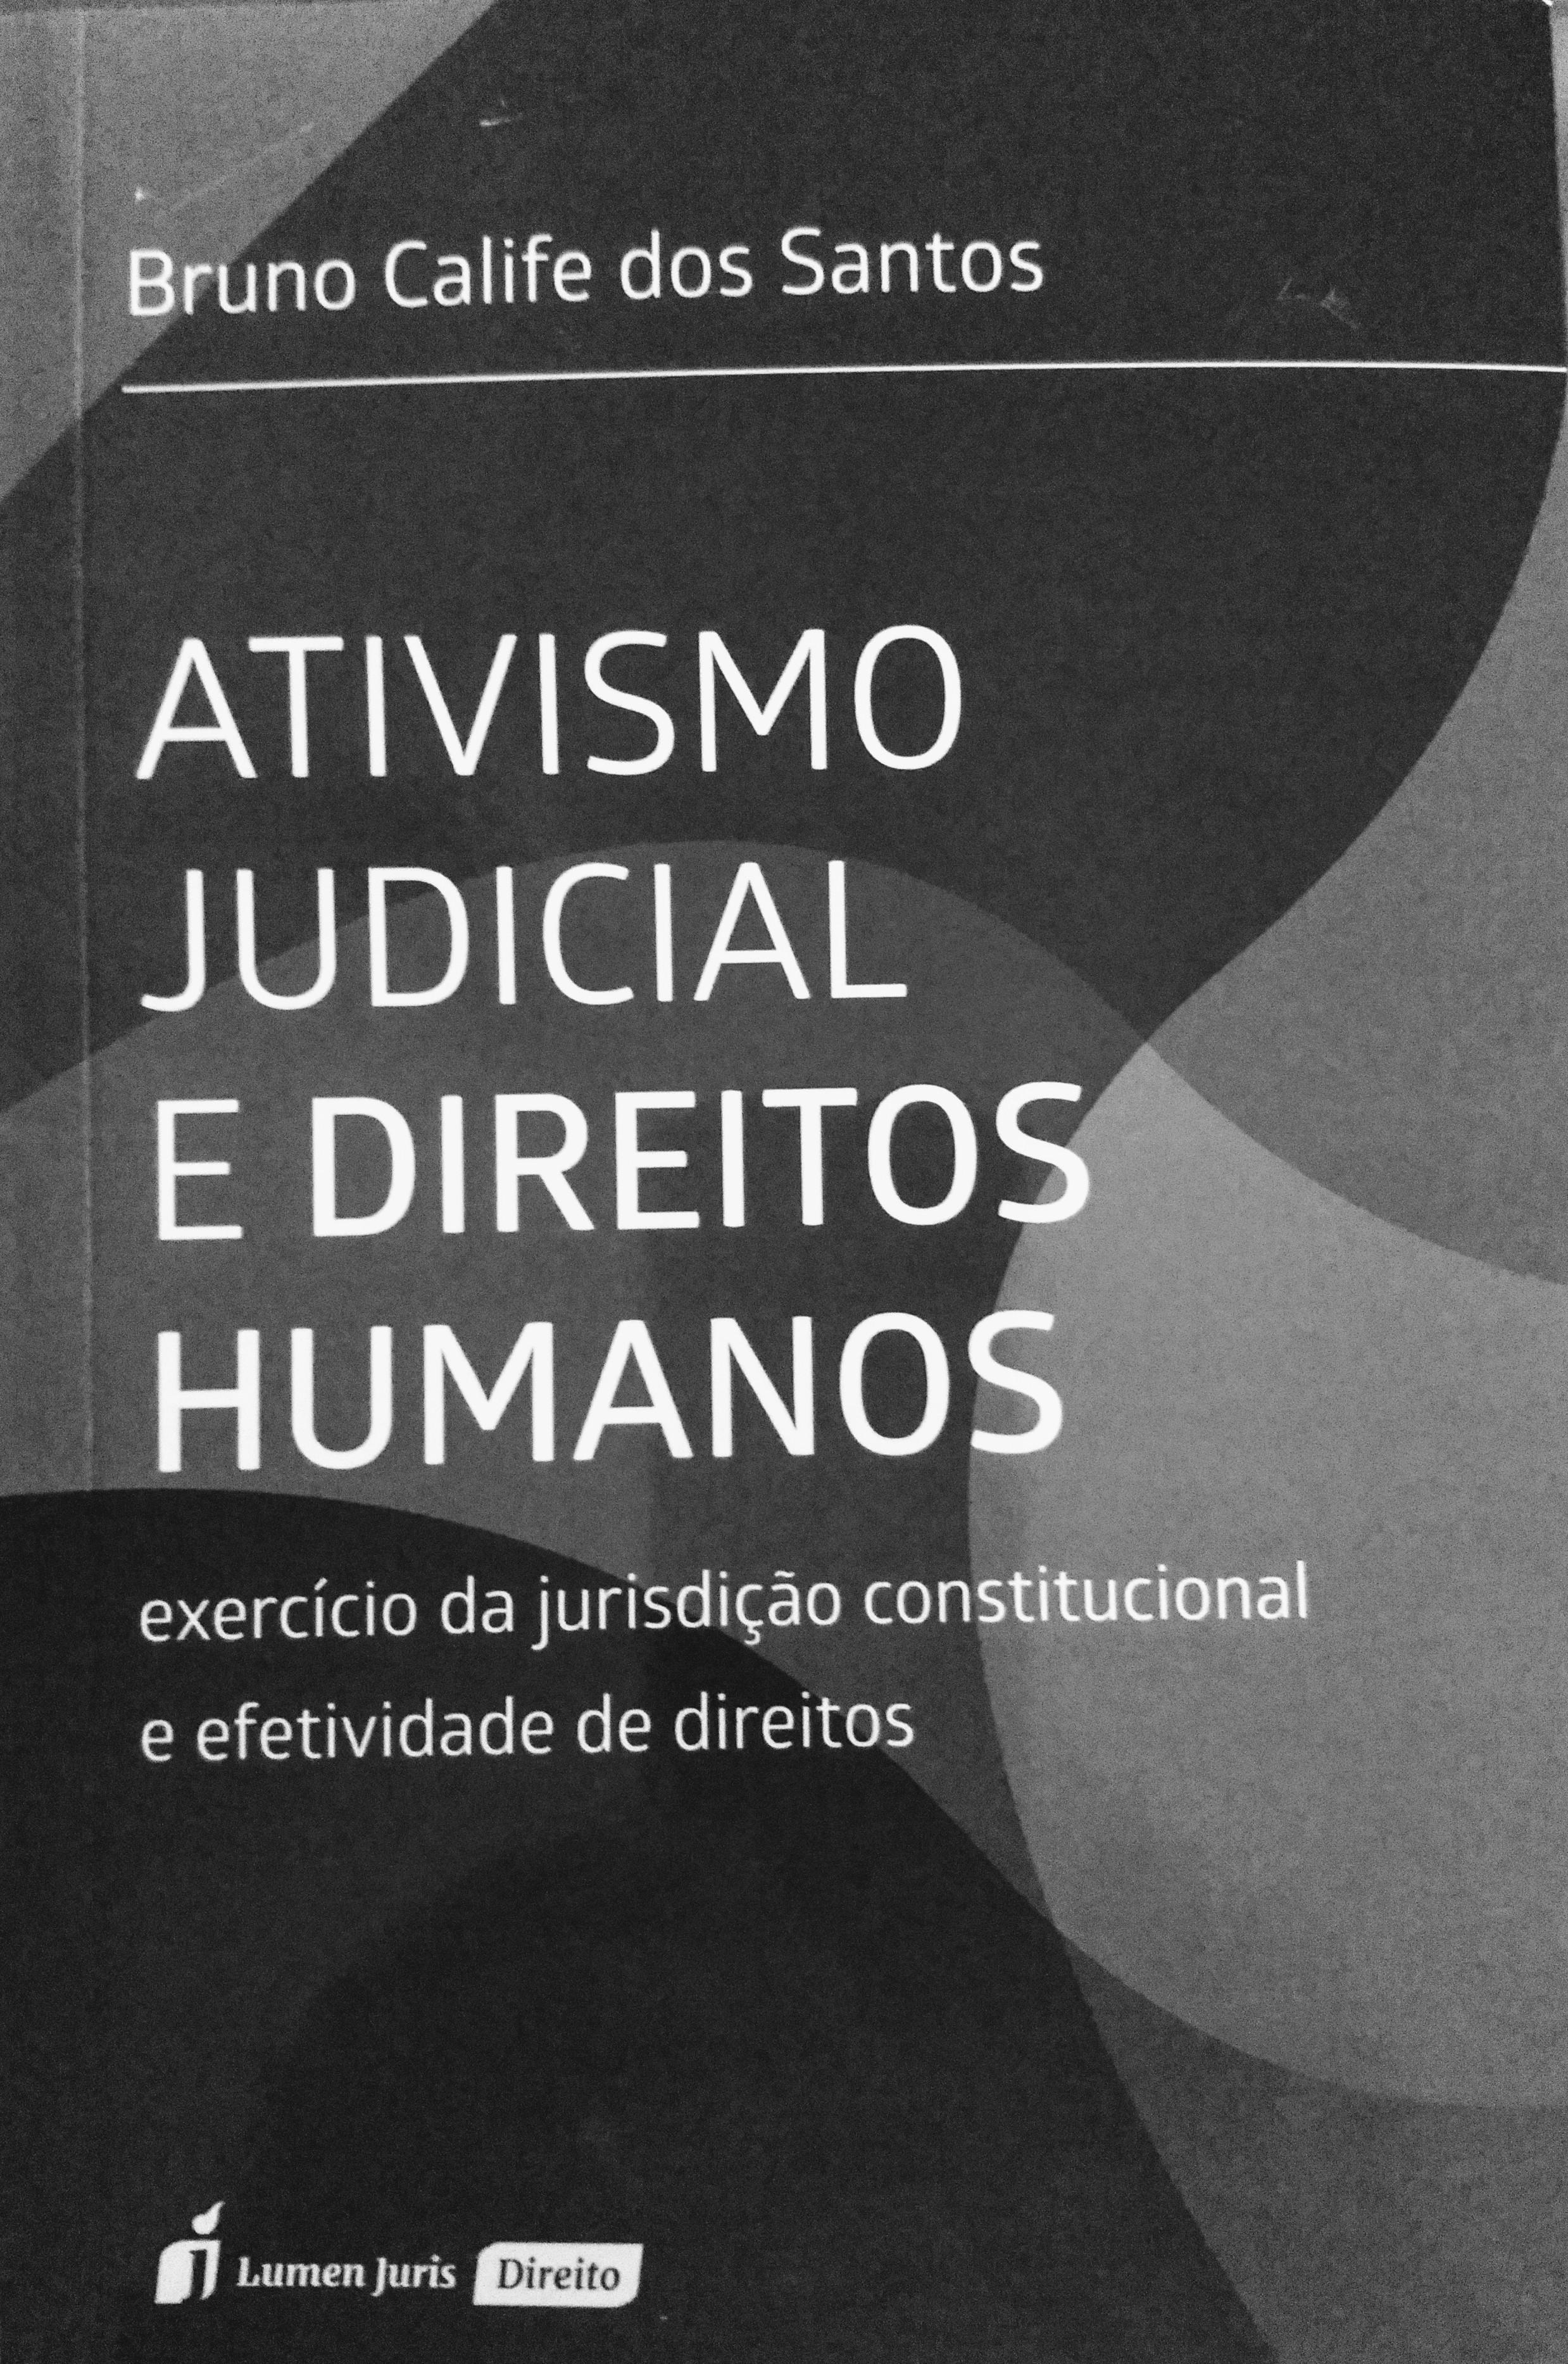 Ativismo Judicial e Direitos Humanos